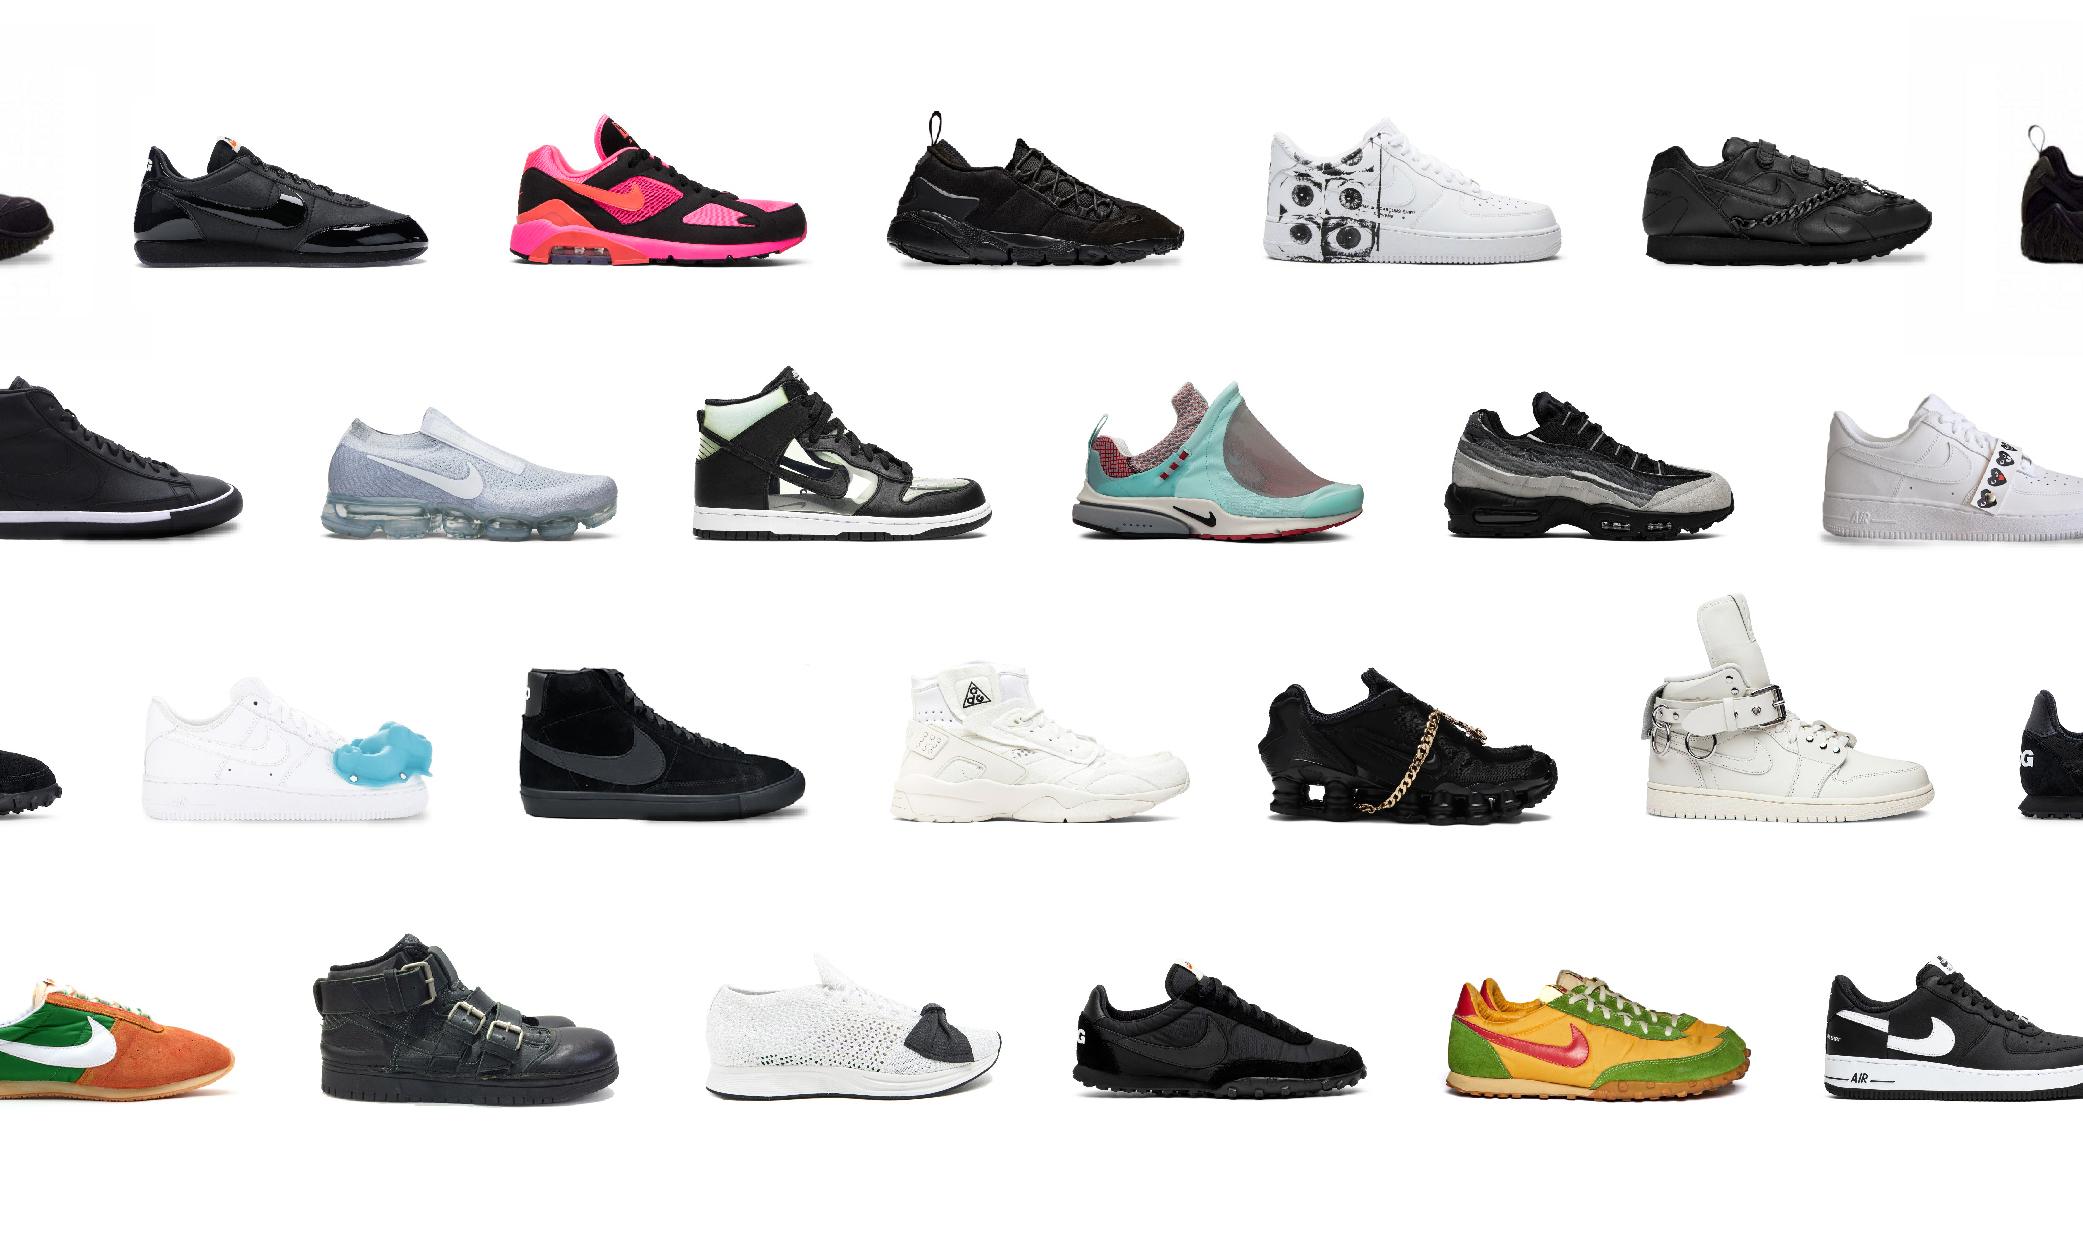 CdG x Nike 长达 20 年的长线合作,哪双是最佳设计?